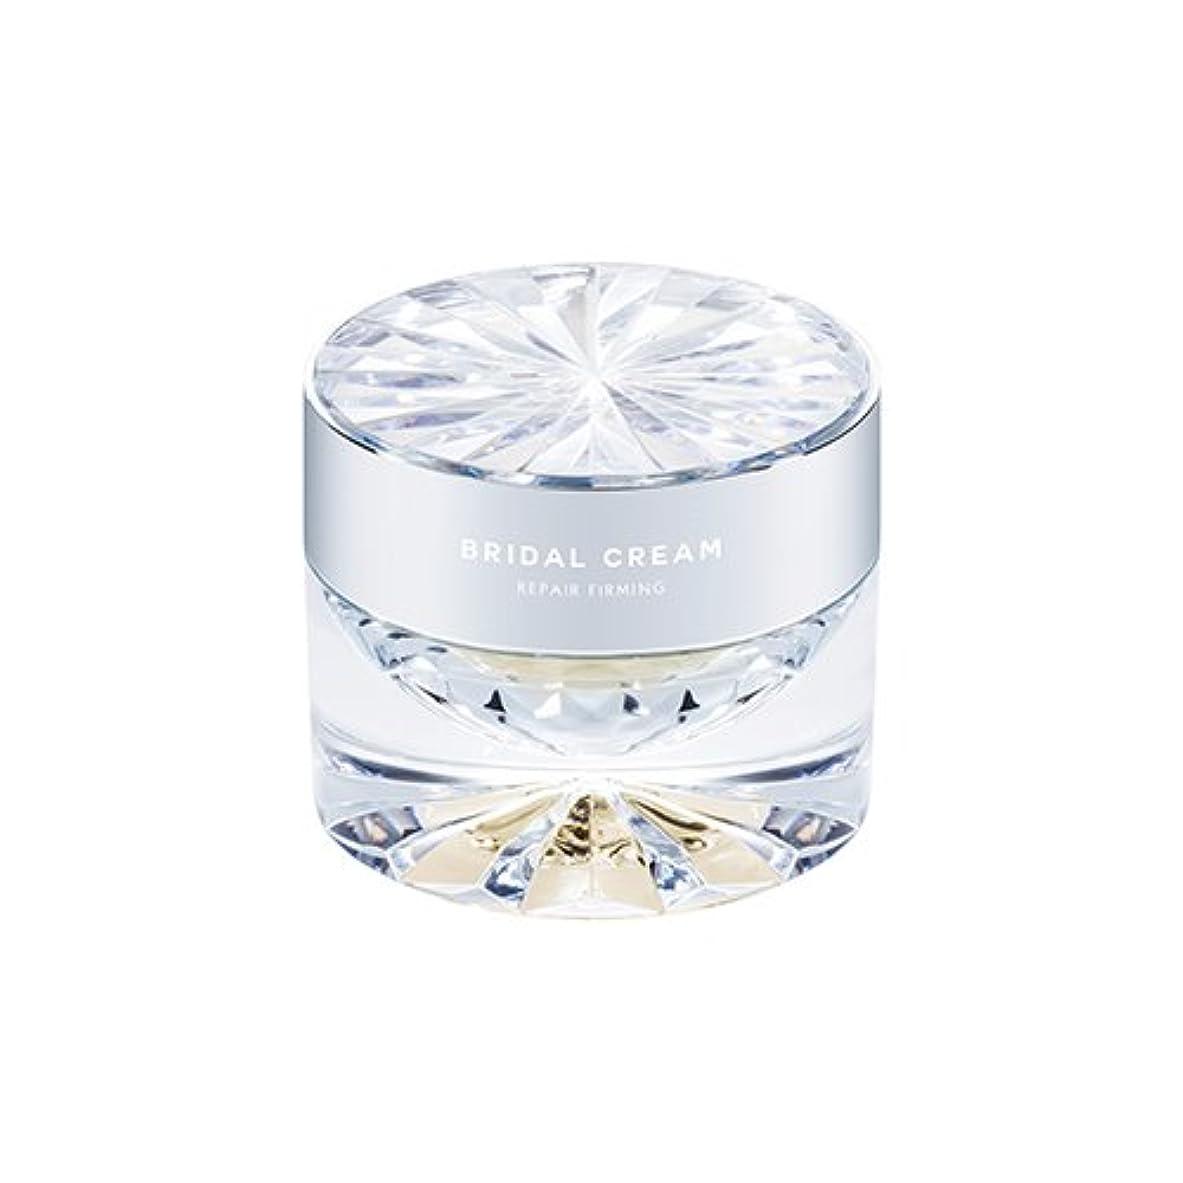 市民ファンシー王子MISSHA Time Revolution Bridal Cream 50ml/ミシャ タイム レボリューション ブライダル クリーム 50ml (#Repair Firming) [並行輸入品]